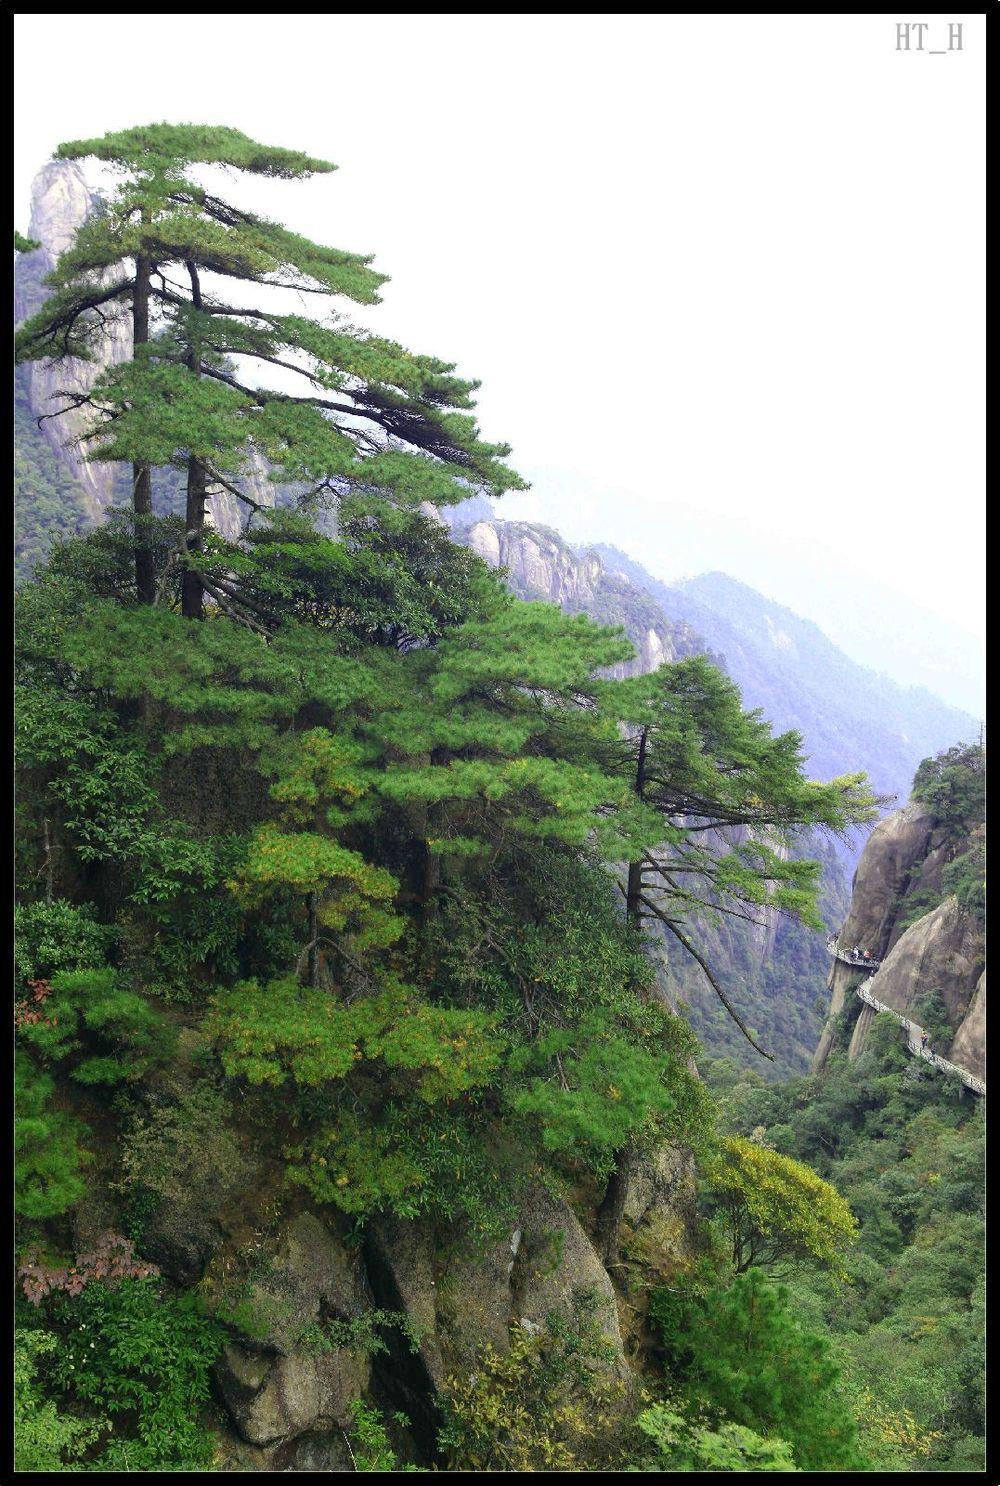 壁纸 风景 树 松 松树 1000_1486 竖版 竖屏 手机